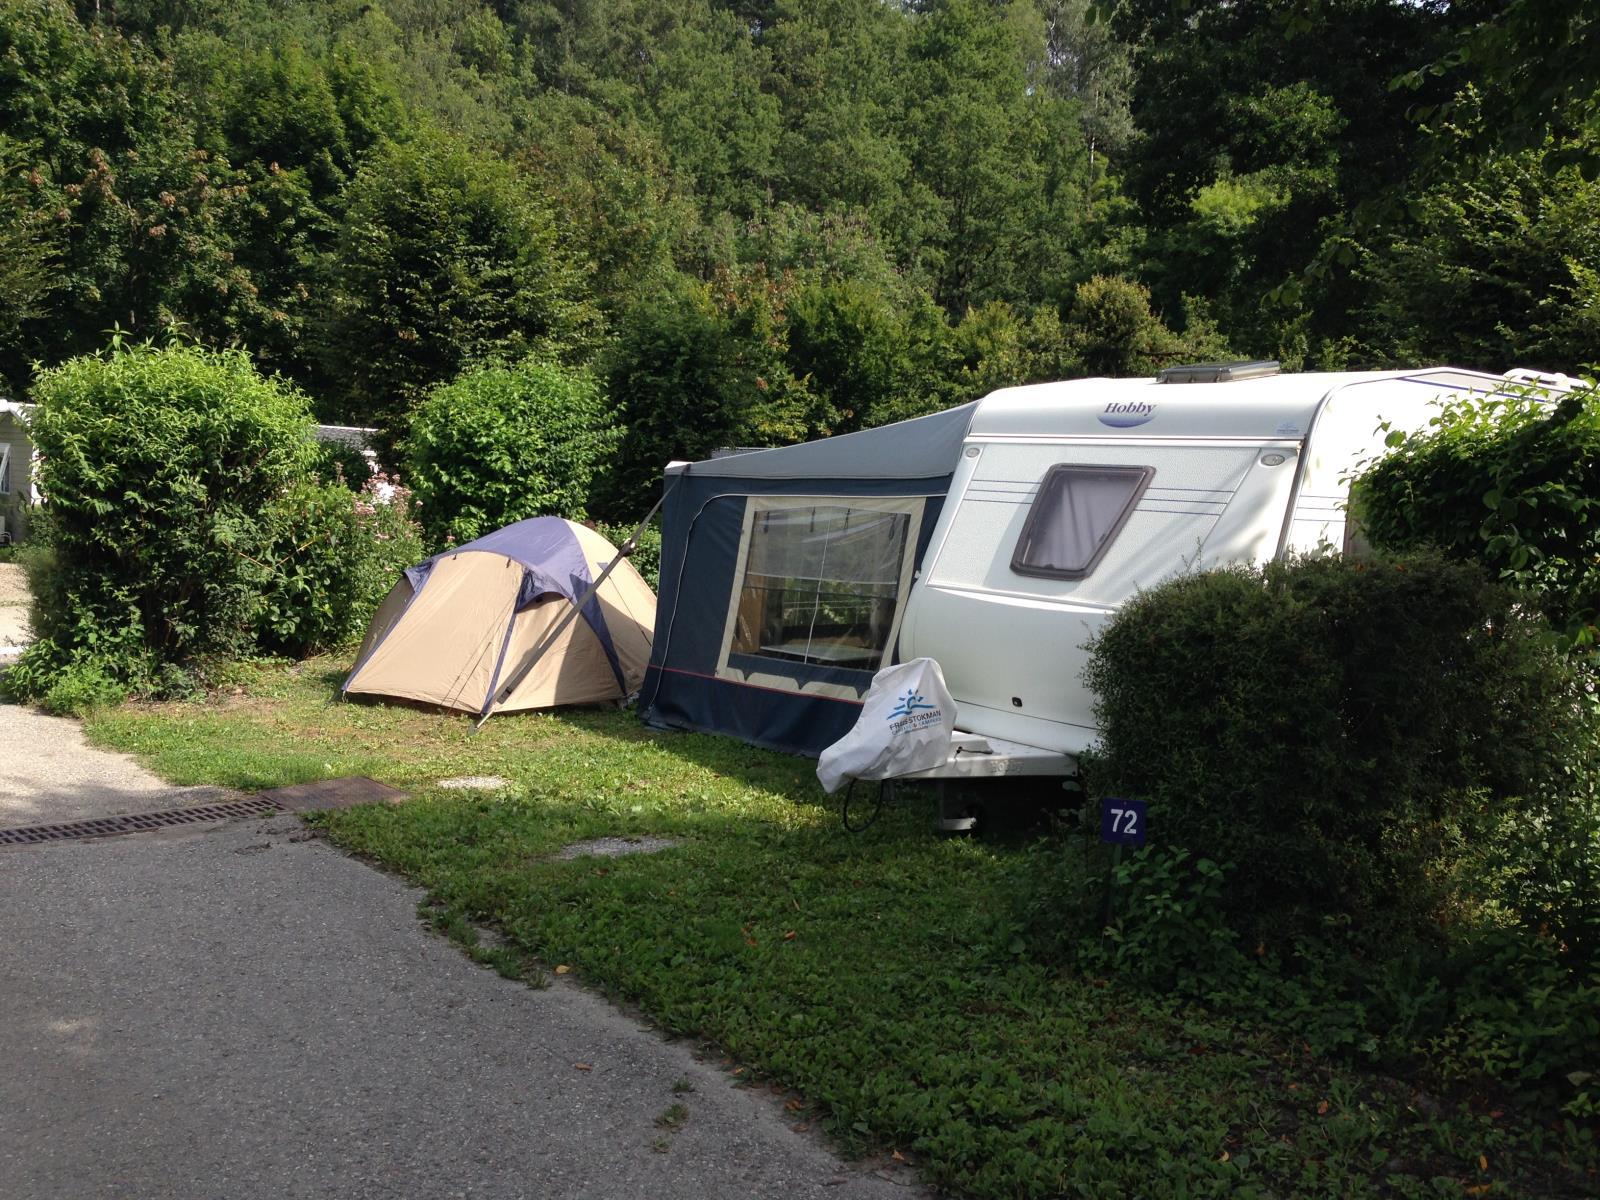 Emplacement - Forfait De Luxe Grand Emplacement 120-150M² (1 Tente, 1 Caravane Ou 1 Camping-Car / 1 Voiture / Pas D'électricité) - Camping L'Eden de la Vanoise